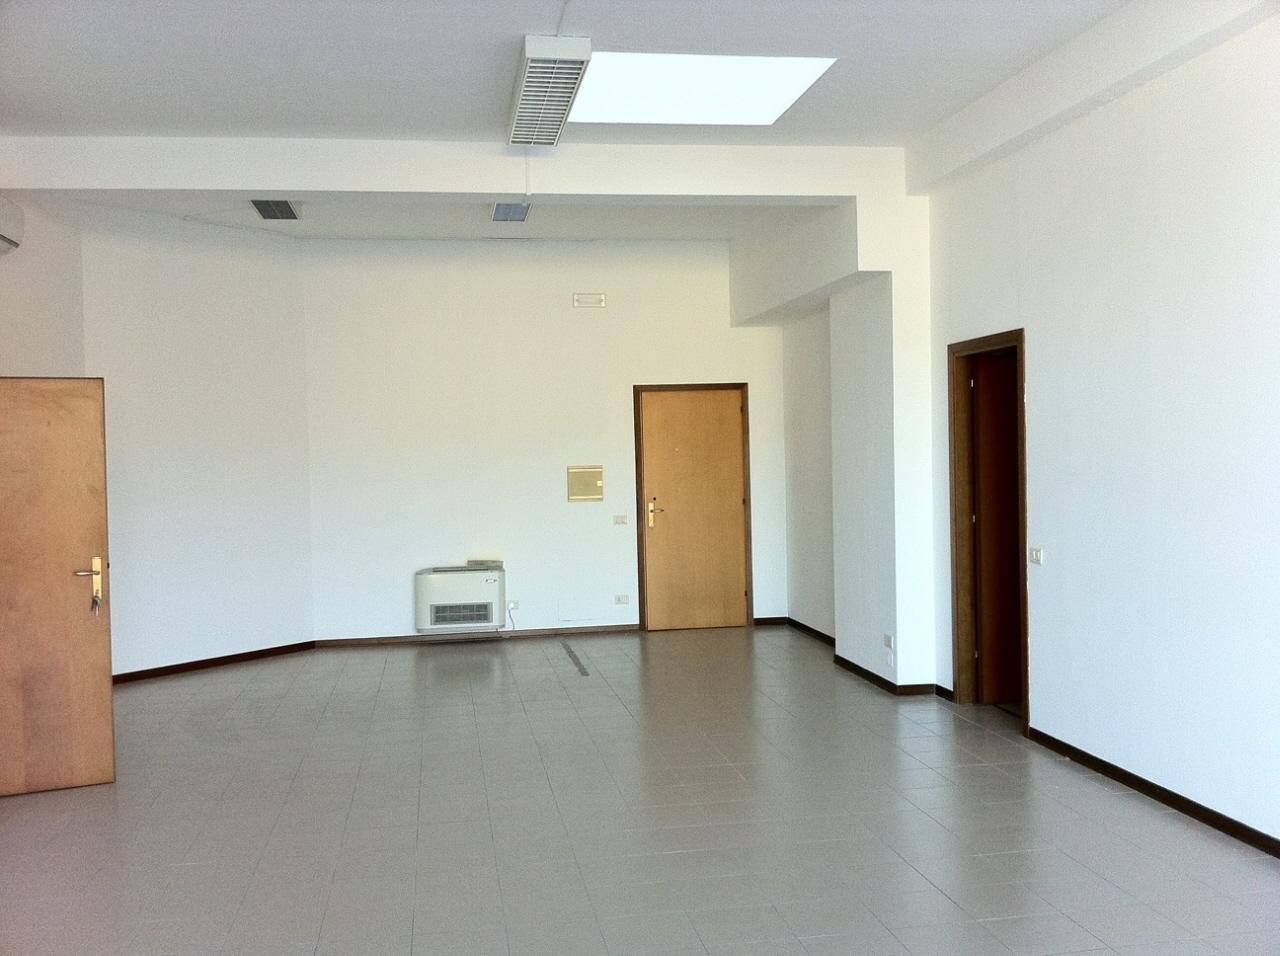 Ufficio bilocale in vendita a Pesaro (PU)